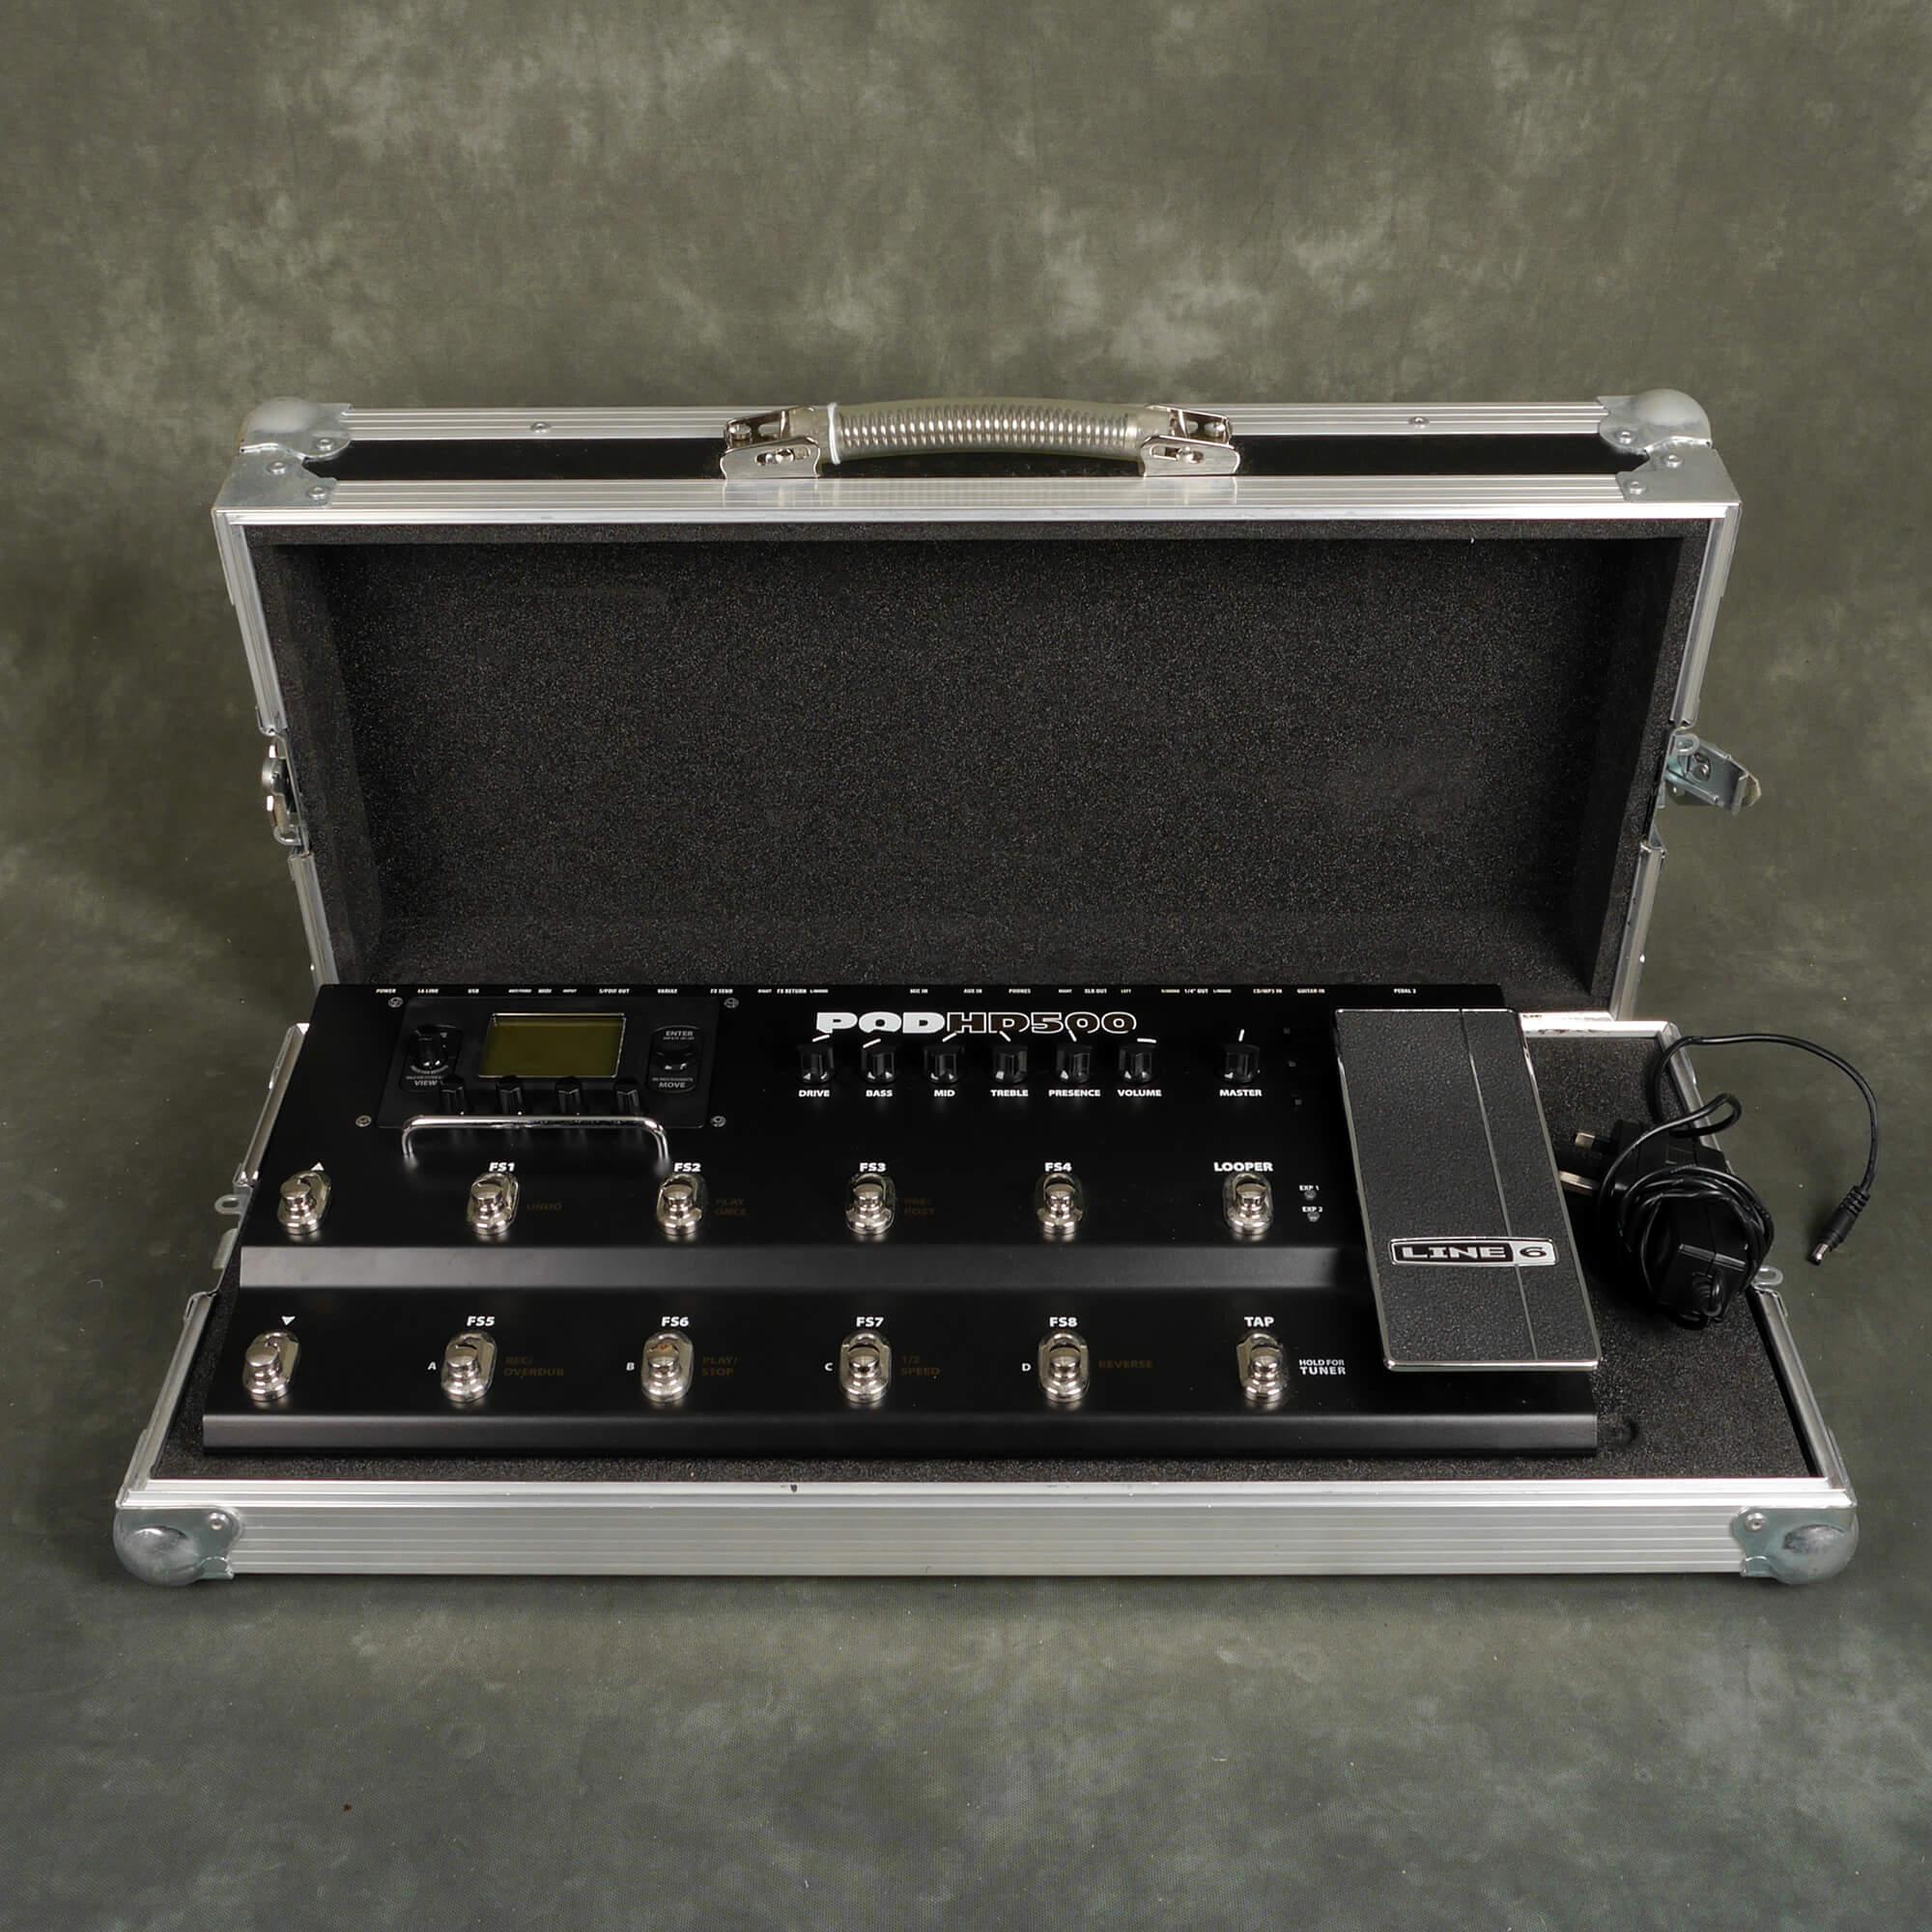 Line 6 Pod HD500 Multi Effects FX Floorboard w/Flight Case - 2nd Hand